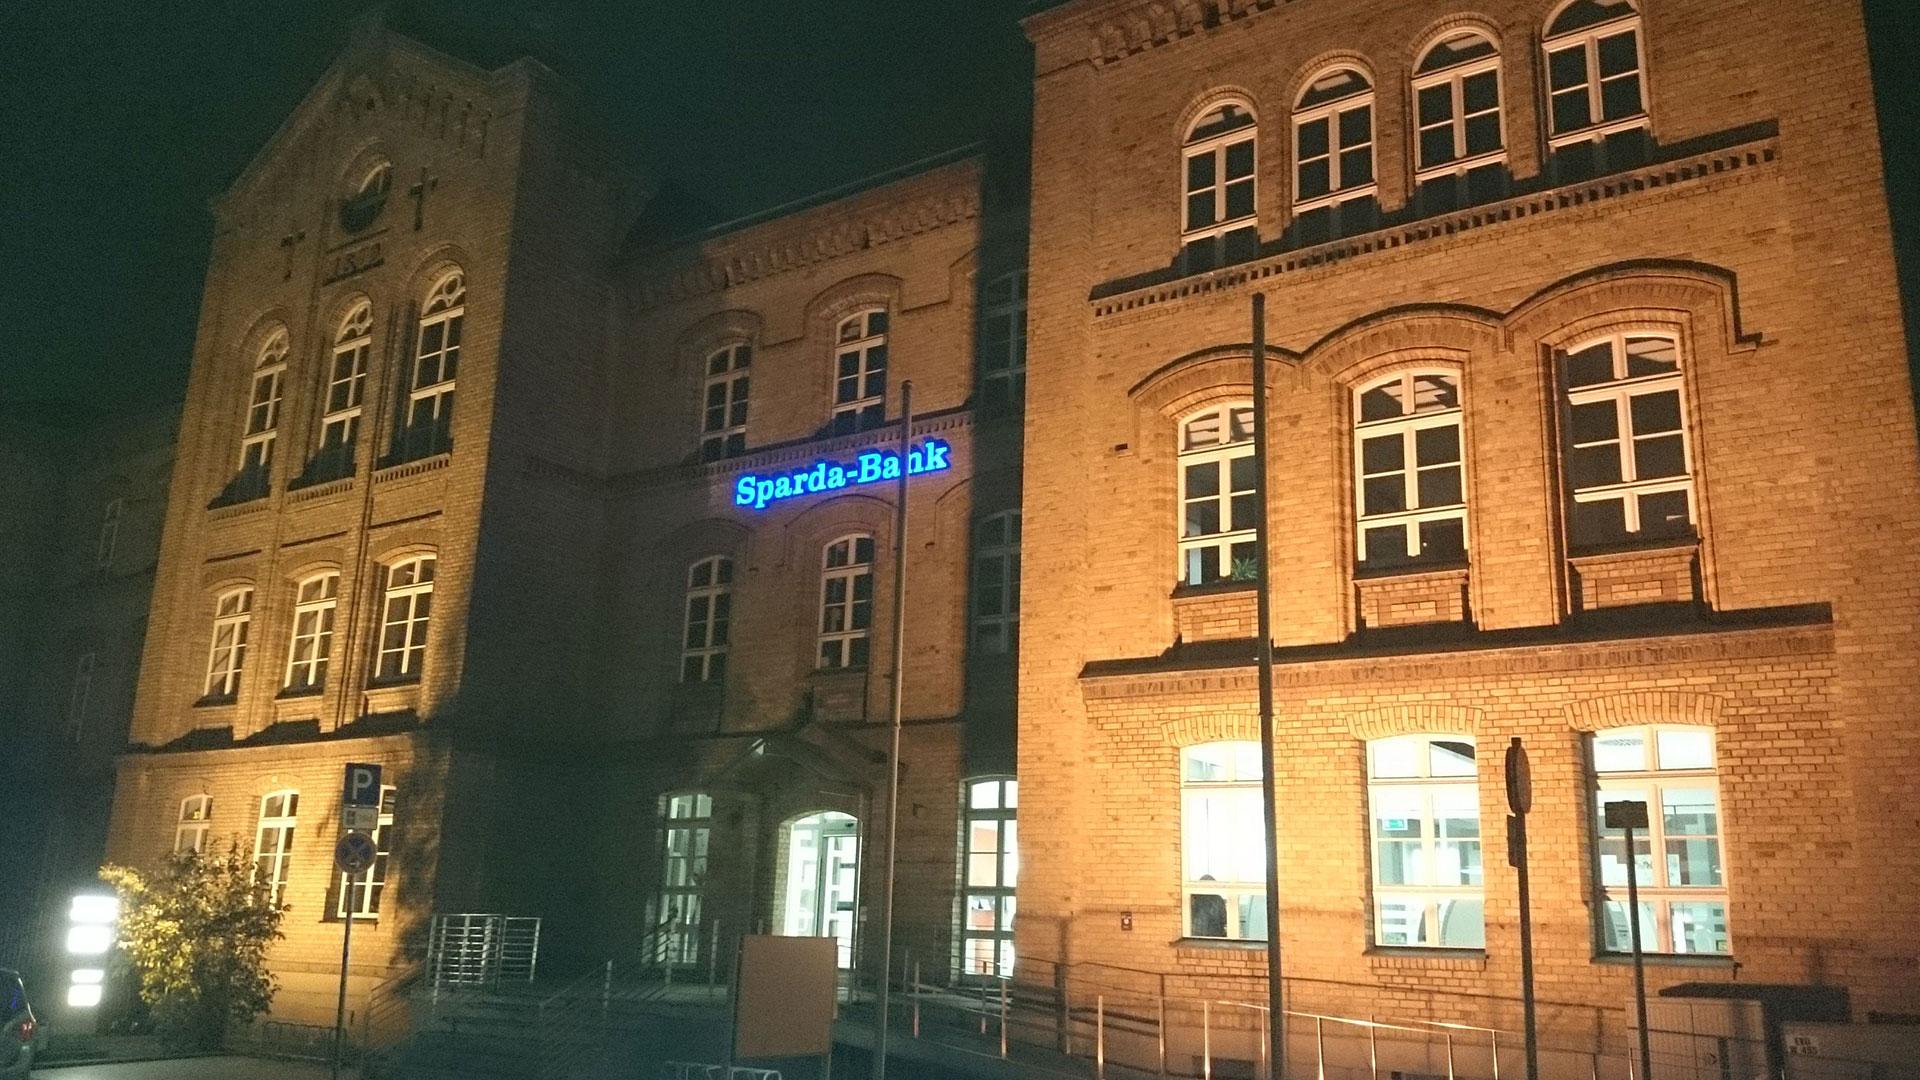 Sparda Bank im Objekt Augustmauer in Erfurt